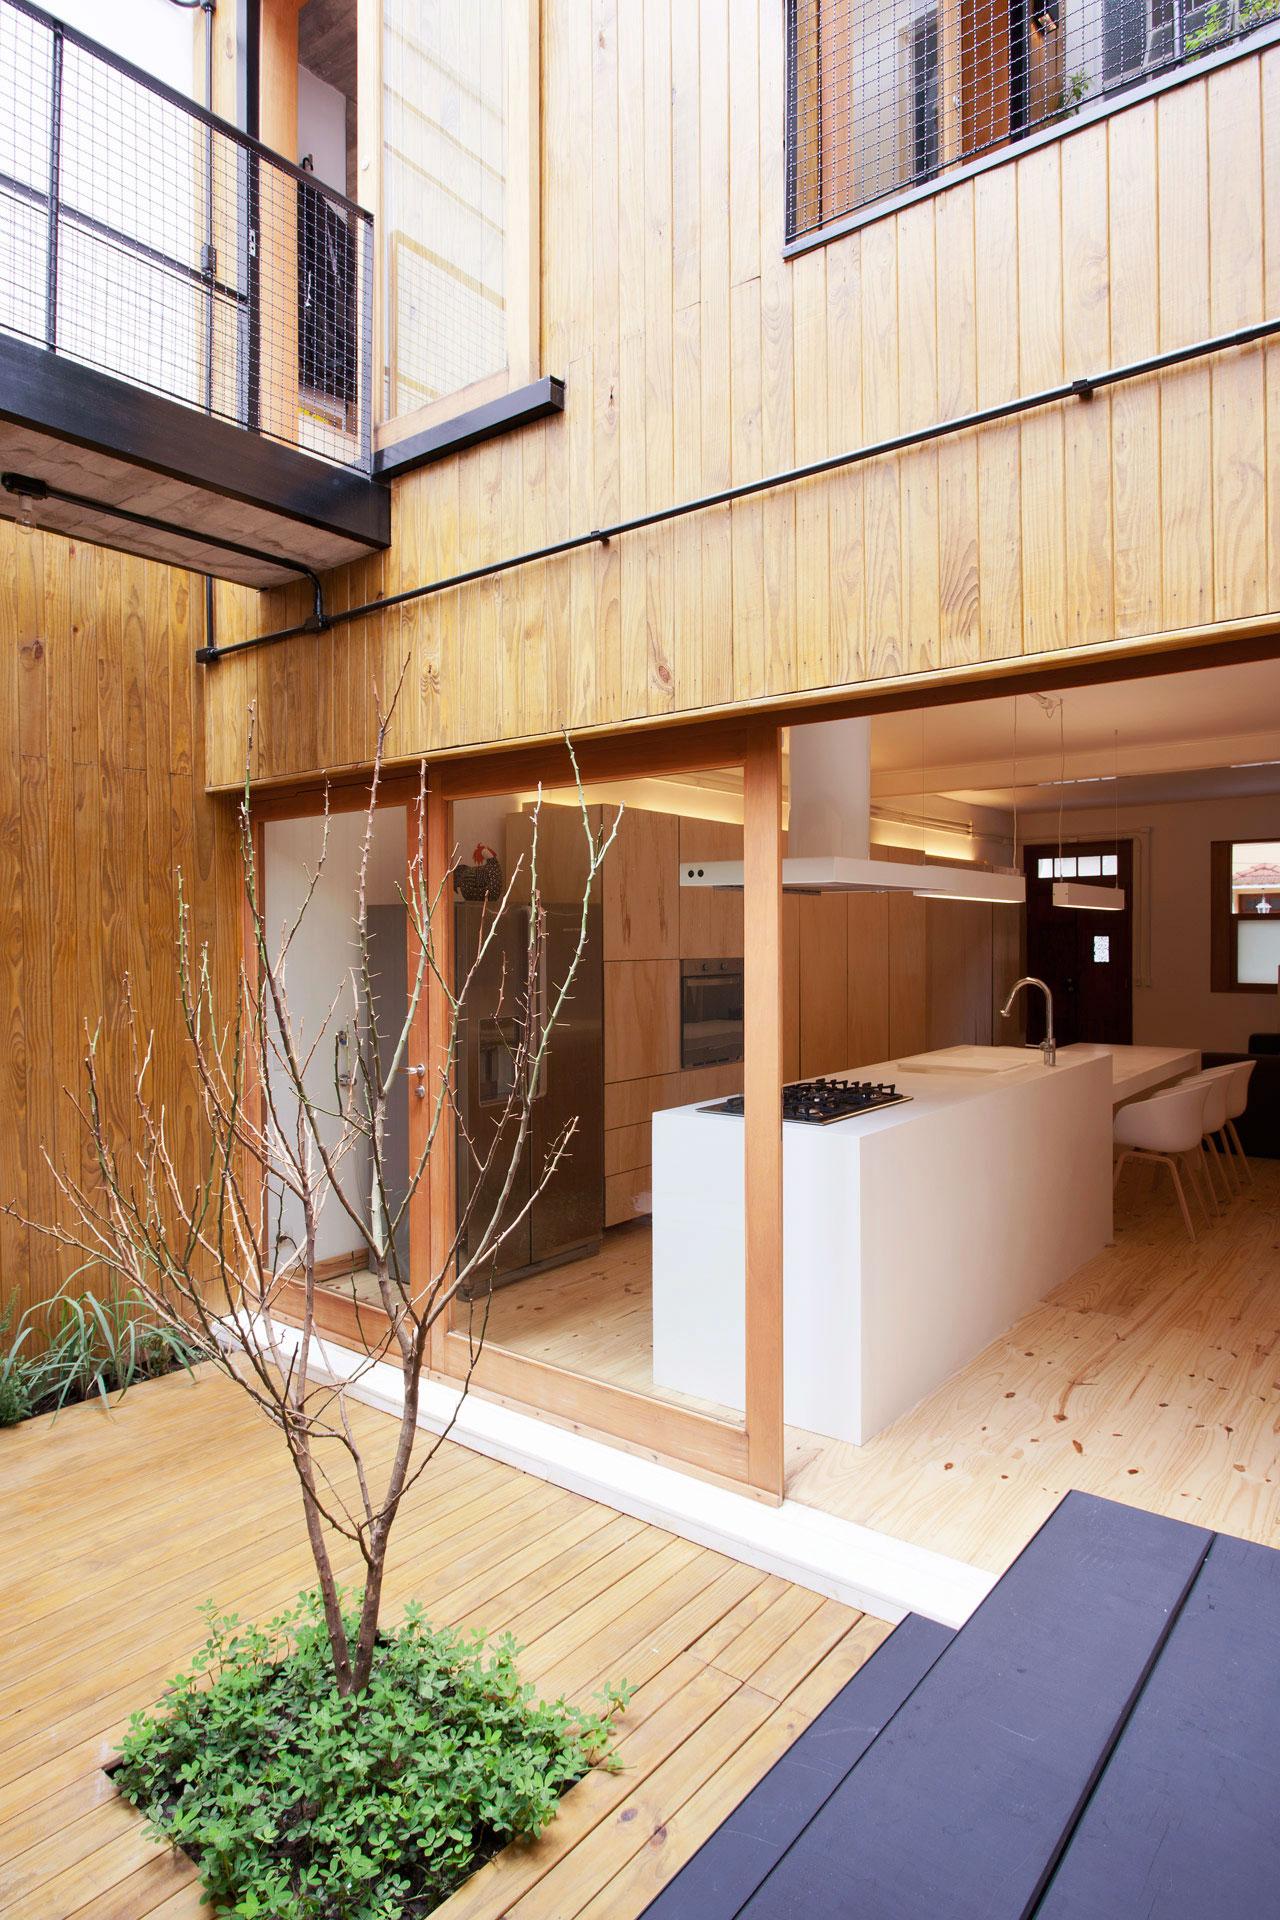 Galeria de reforma casa de vila studio gga 10 - Reforma de casas ...